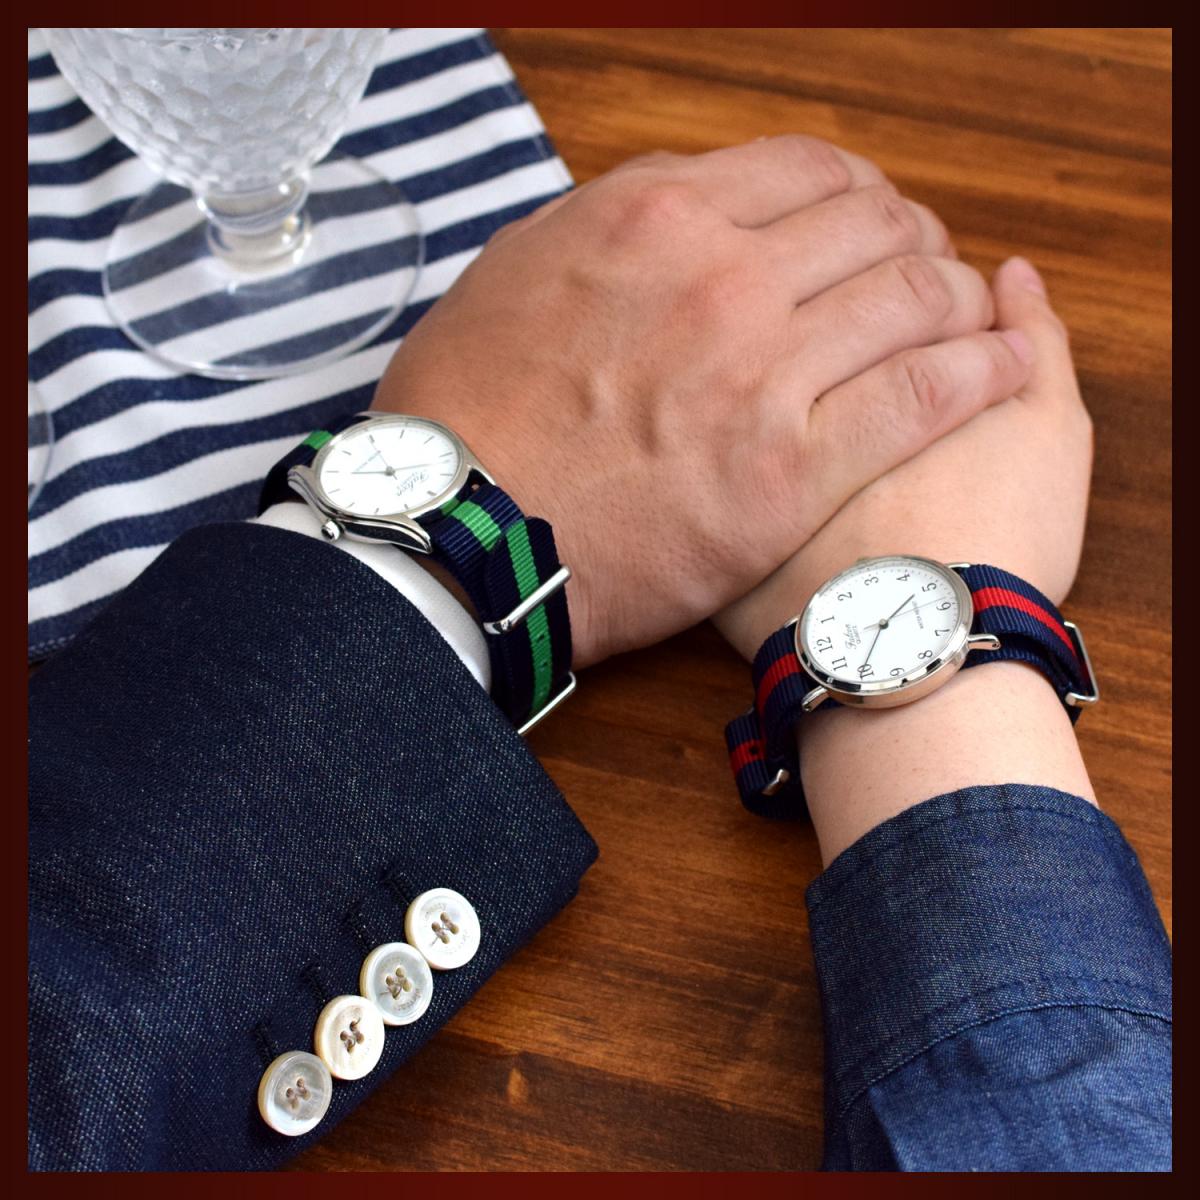 時計ベルト NATO ゴールドバックル ショートサイズ 18mm 3本セット 取付けマニュアル 腕時計バンドセット売り_画像7